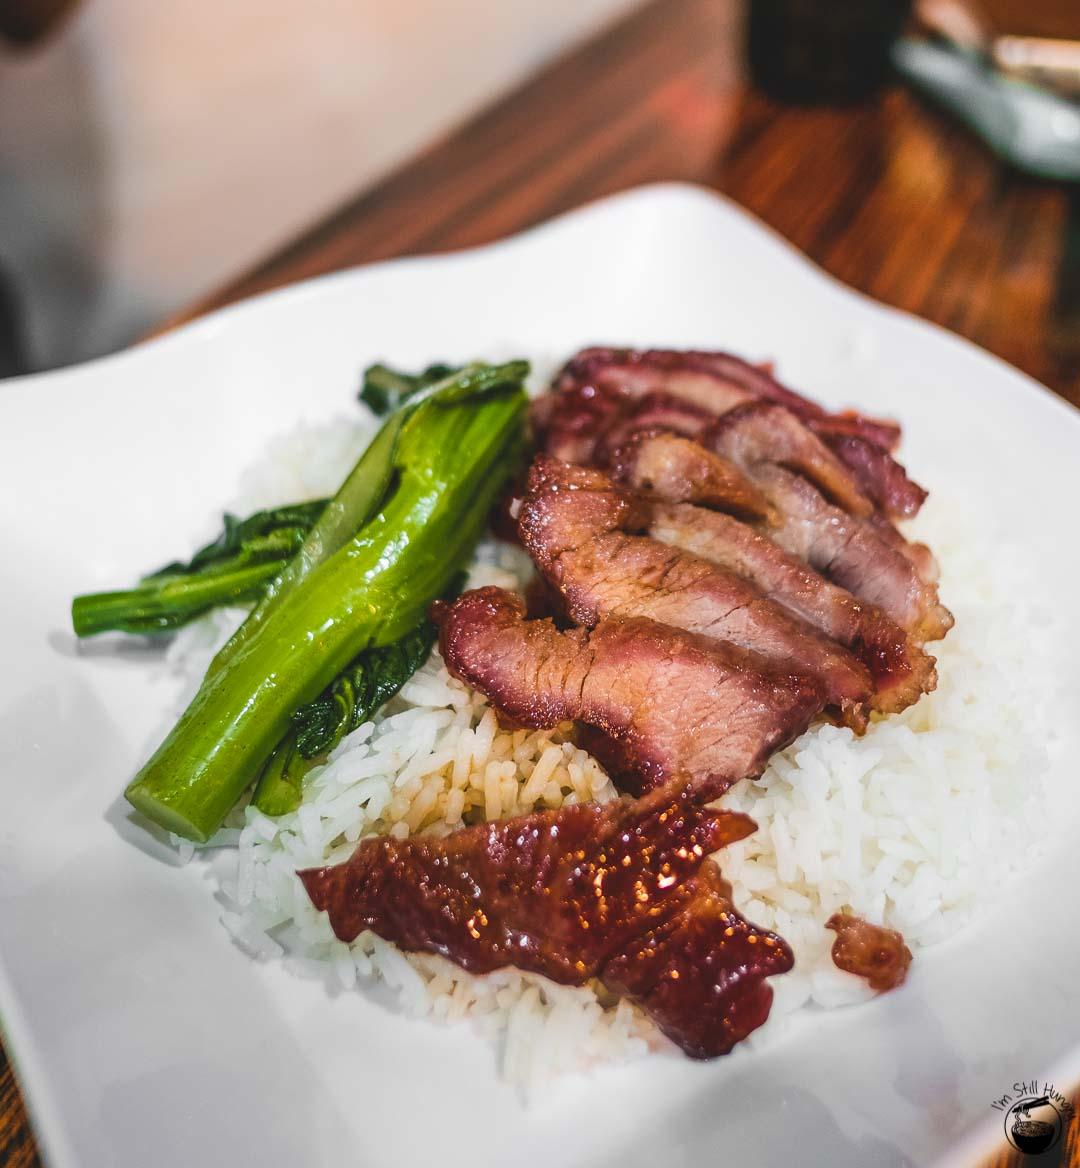 Kwan Yu Roast Meat Hong Kong Char siu rice